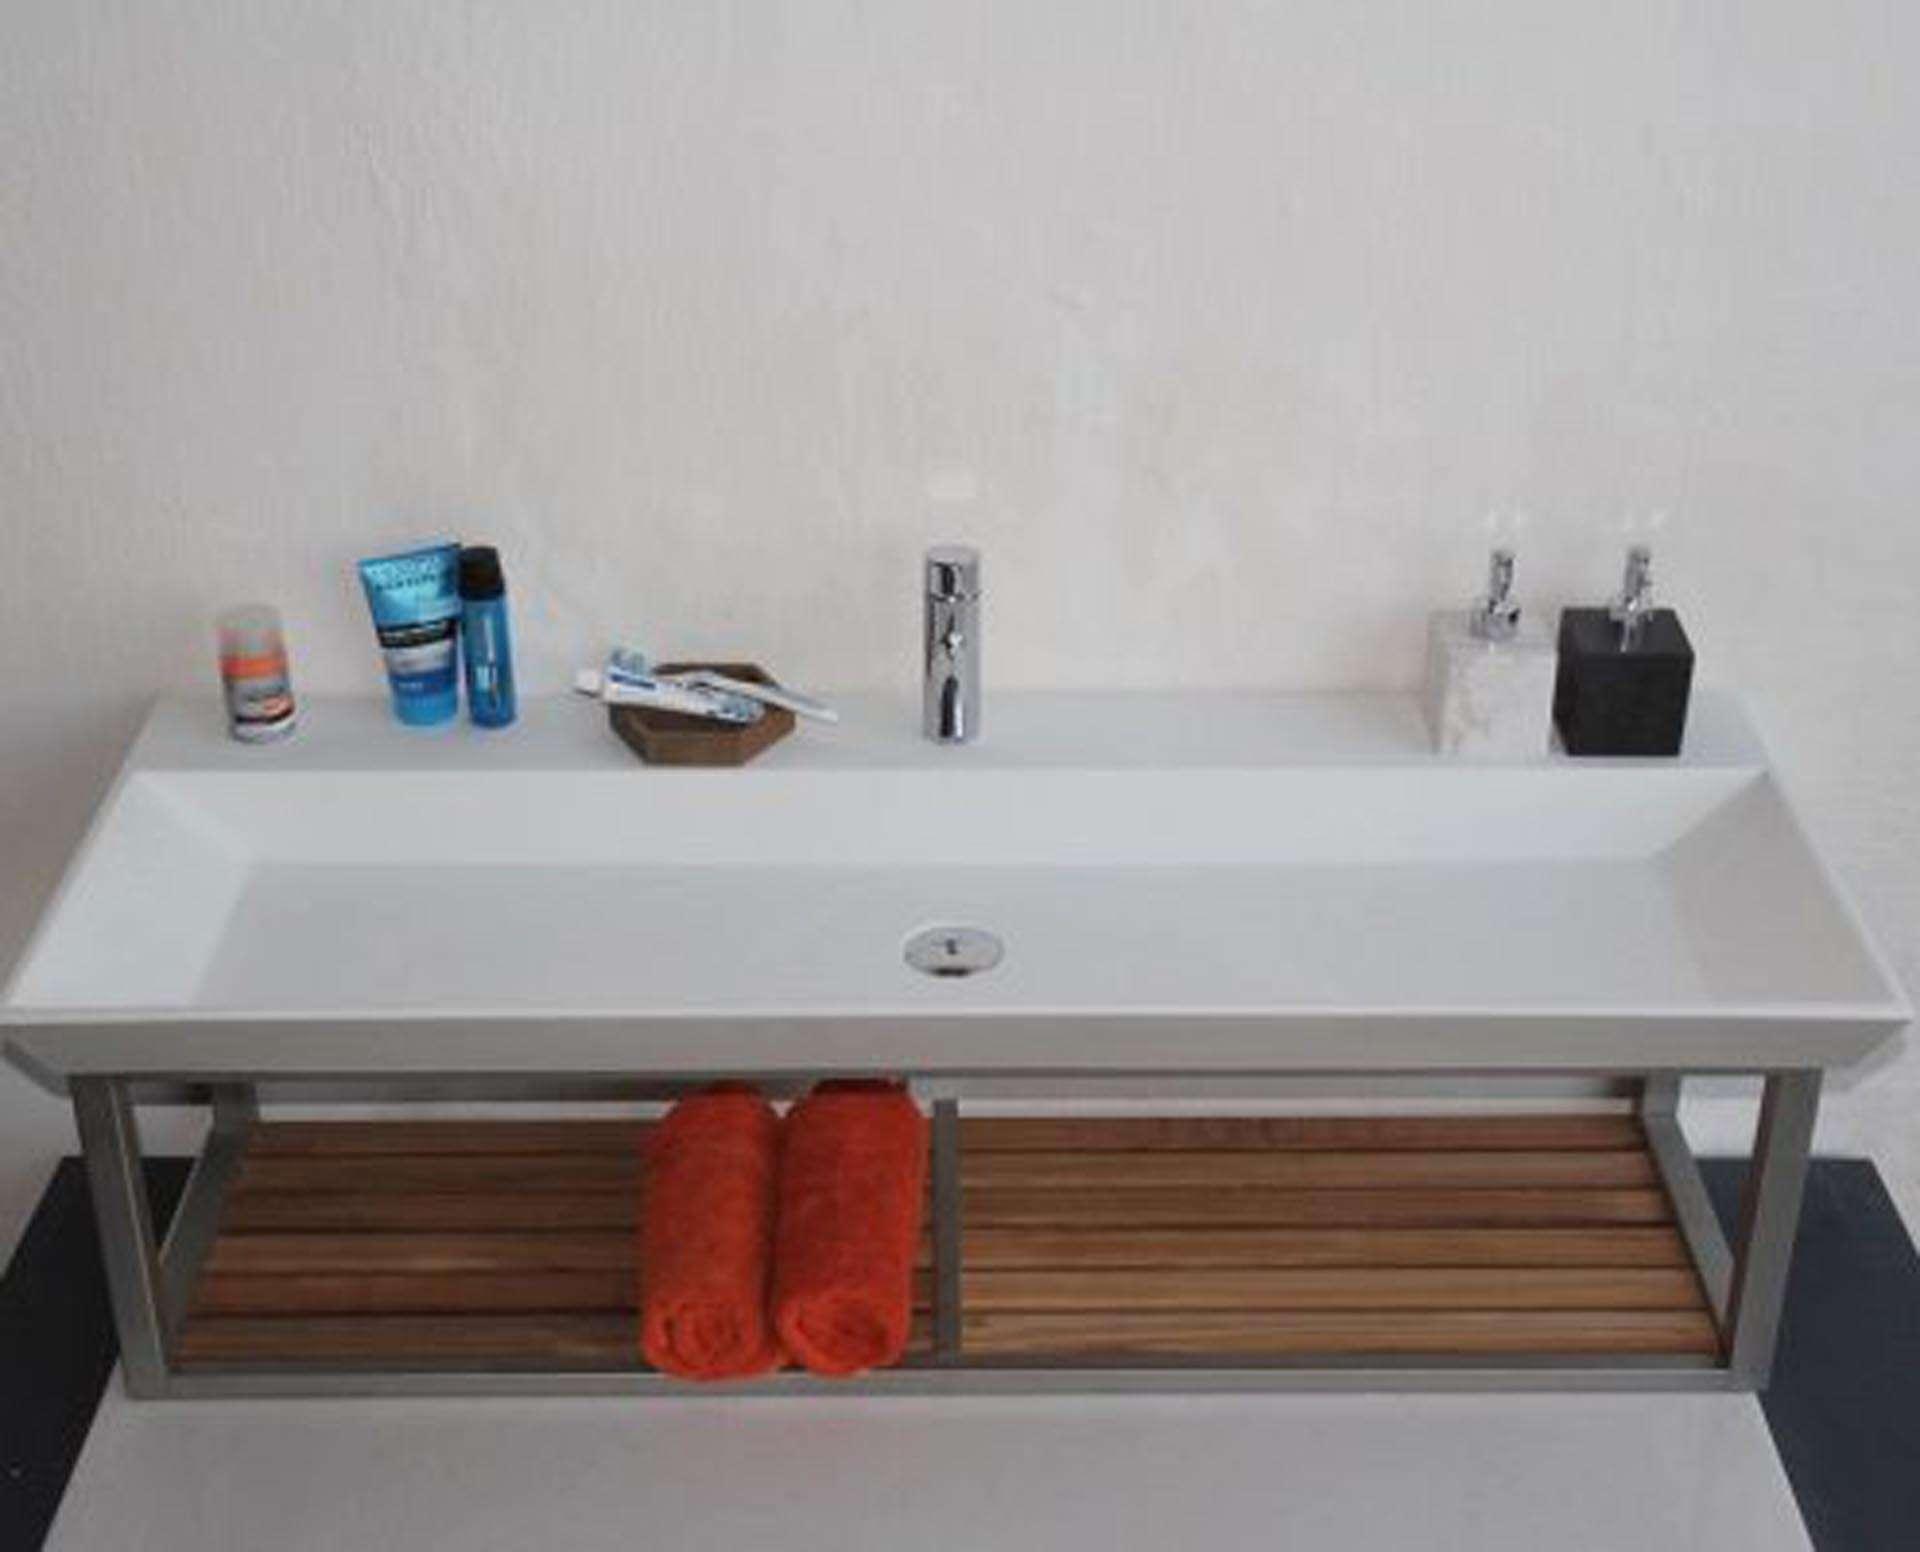 Flot designhåndvask i Kunstmarmor (Top-Solid). Vasken er lavet i mat hvid højglans komposit, som gør den meget nem at holde ren. Vasken har målene: 120 x 35,5 x 9,5 cm. Vasken tåler alle former for rengøringsmidler. Vasken kan bruges som fritstående vask - da vasken er flad i bunden er den velegnet til at placere direkte på en bordplade. Vasken er hensynsmæssigt designet med fine rundinger, som både giver vasken et eksklusivt udtryk og gør den rengøringsvenlig. Vasken vedligeholdes med voks - vi anbefaler en behandling med vores egen naturvoks ID12002 et par gange om året for at opnå optimalt look.